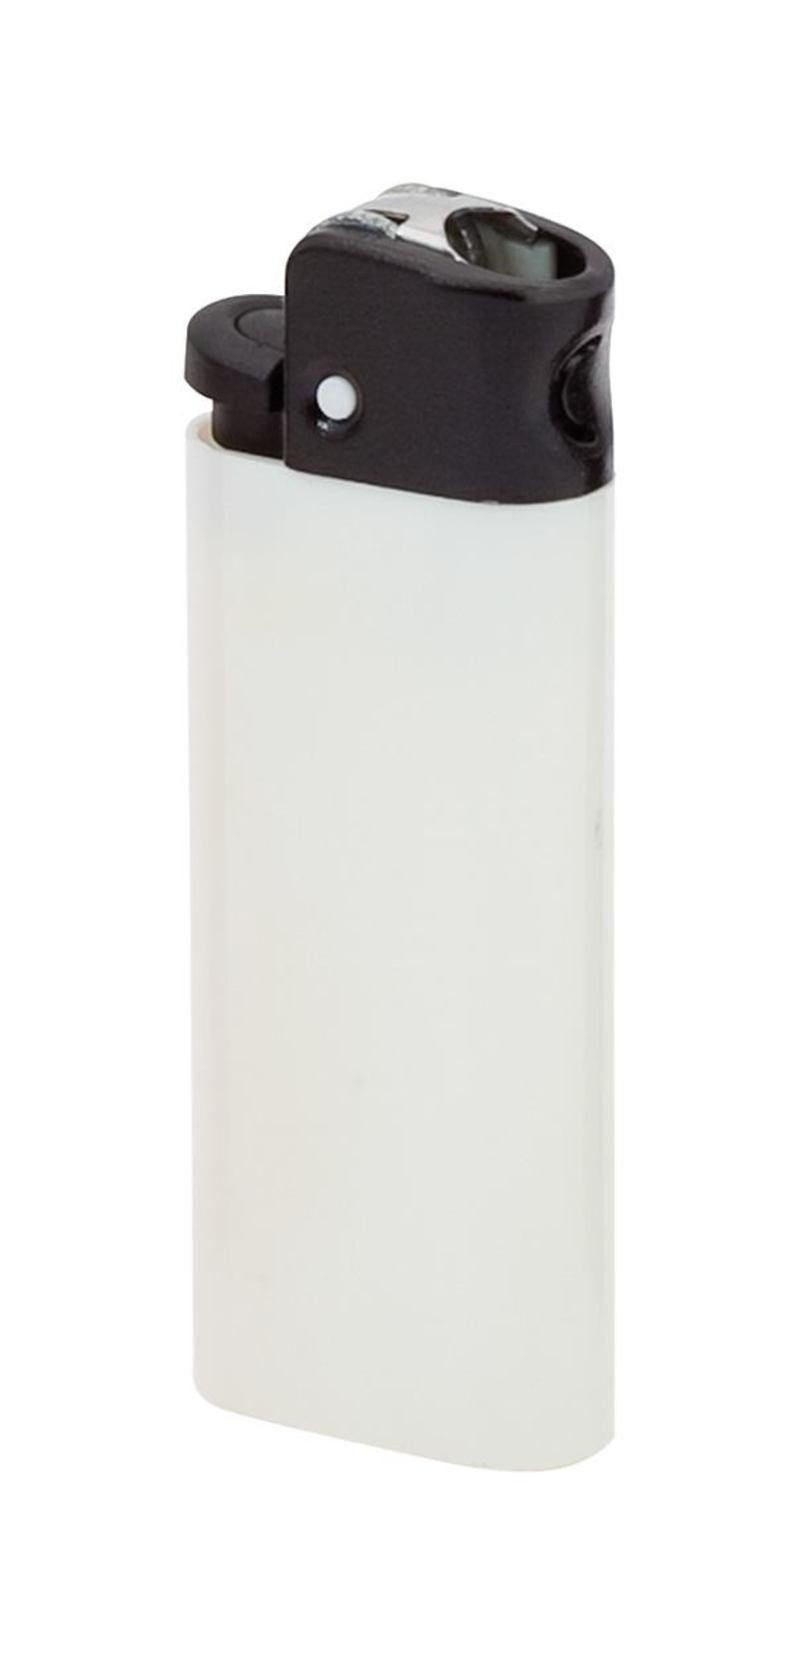 Minicricket lighter